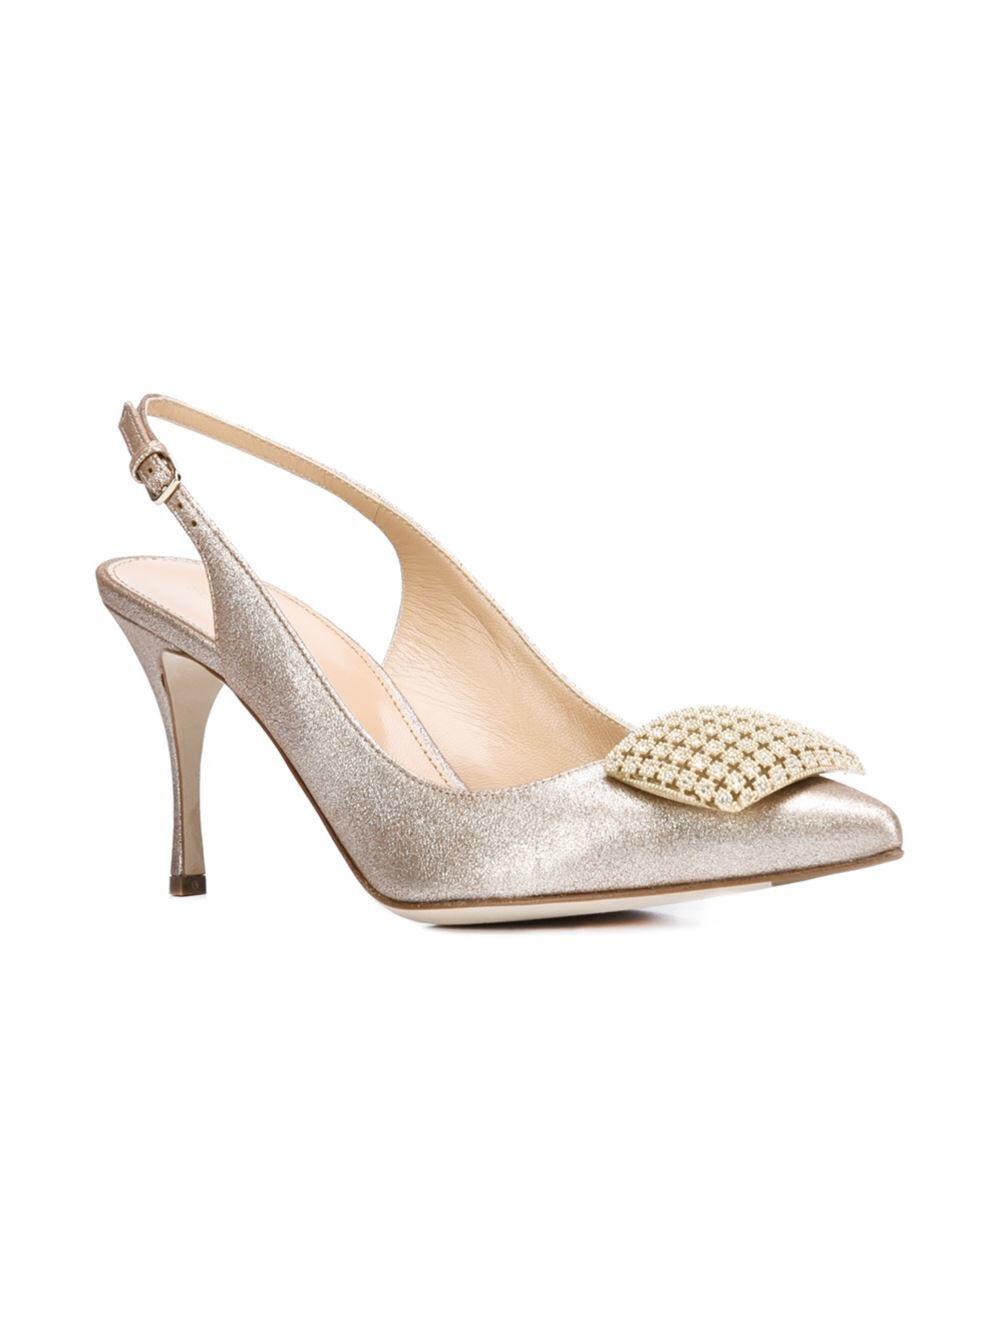 960 Talla 38 US 7.5 7.5 7.5 Sergio Rossi Cuero Charol Sandalias Zapatos Eloise Platino  productos creativos